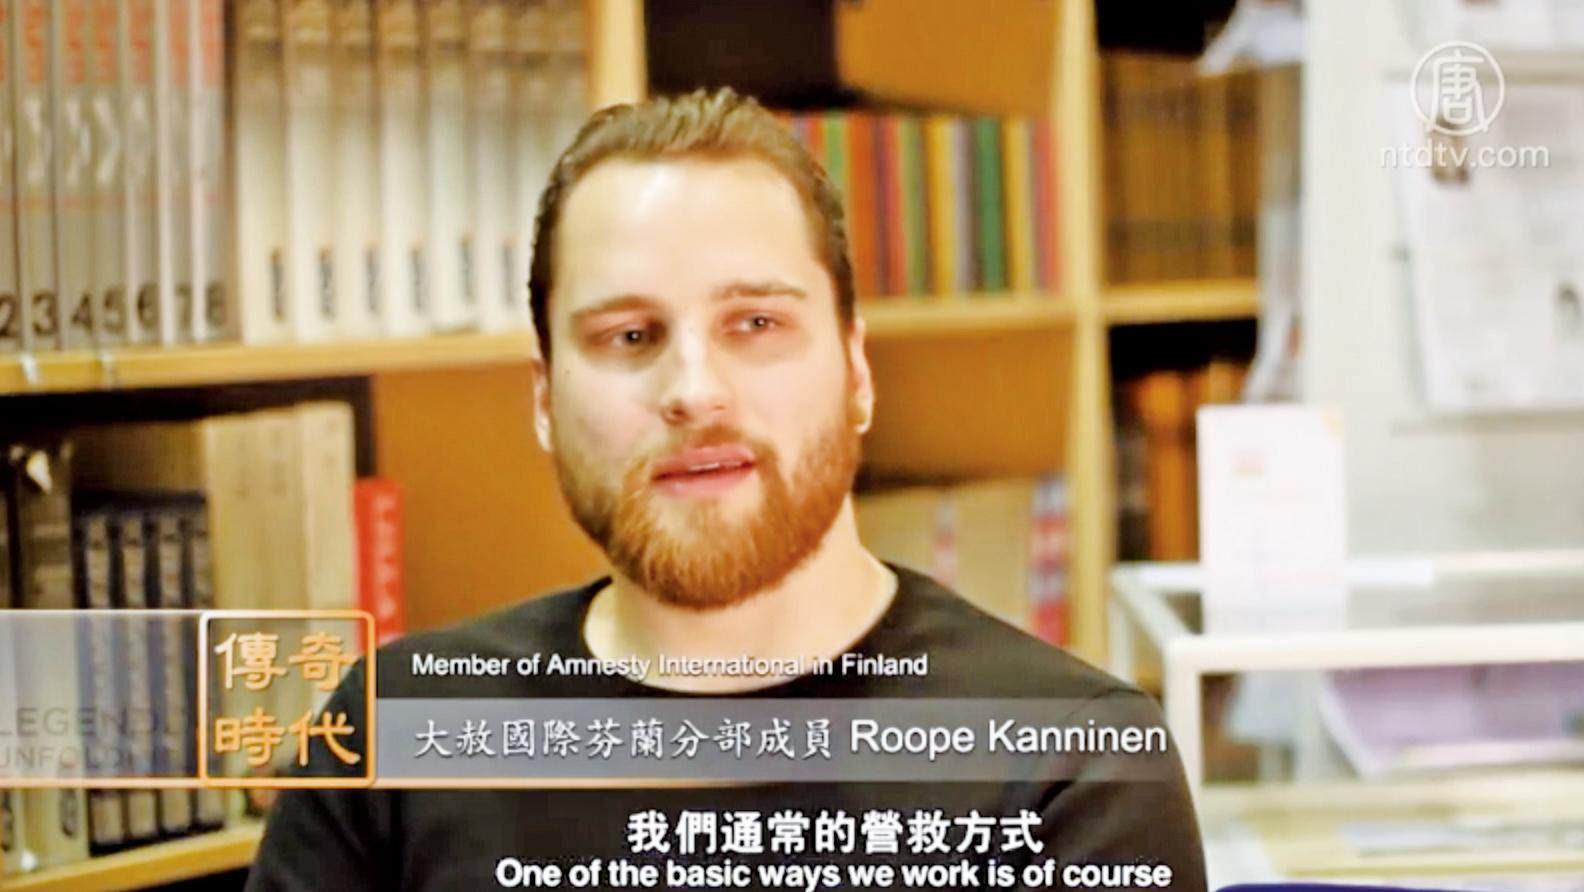 大赦國際芬蘭分部成員 Roope Kanninen(新唐人)